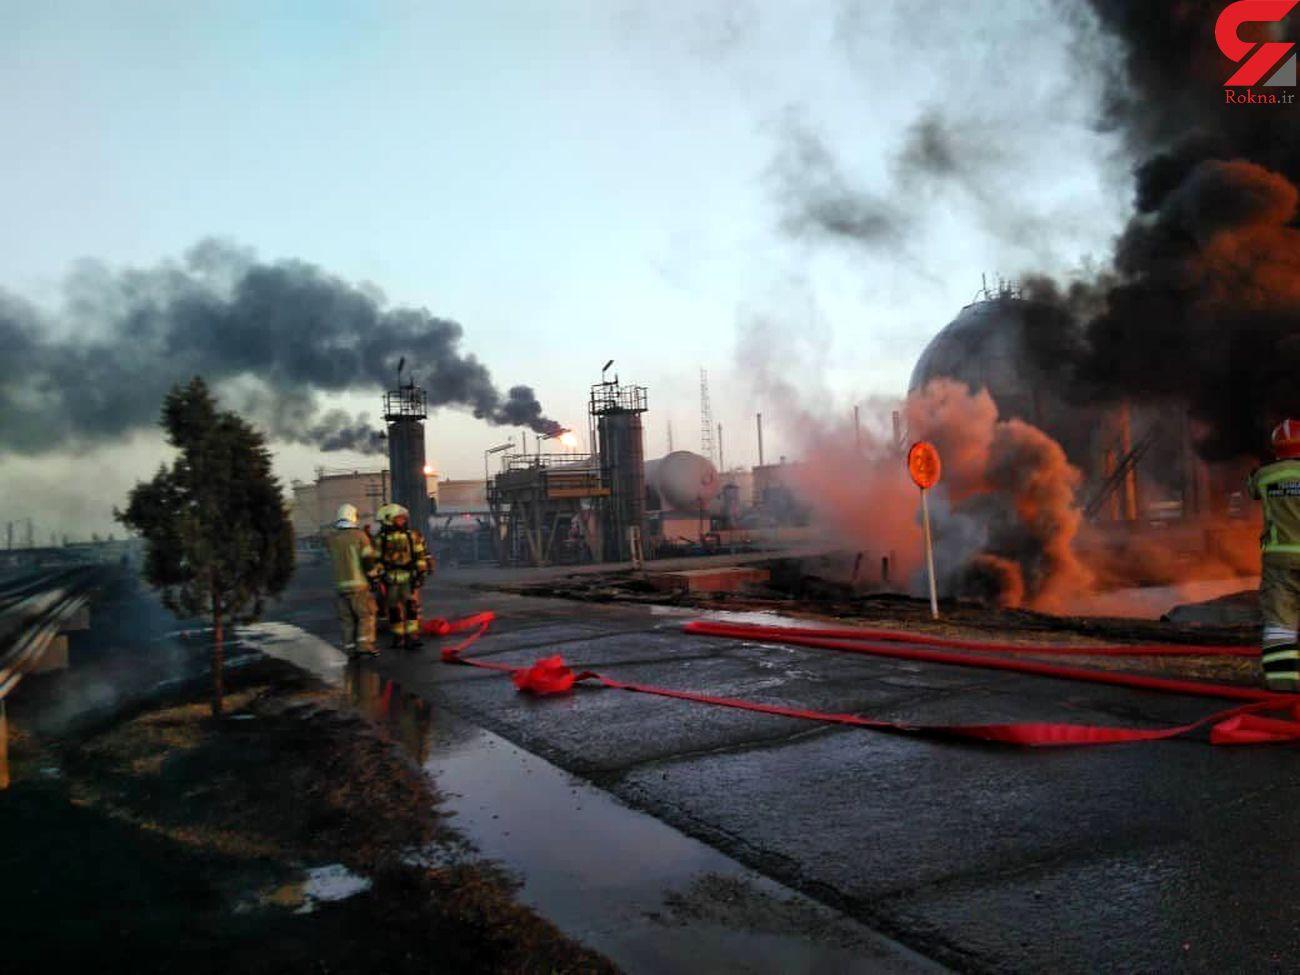 احتمال خرابکاری در حادثه آتش سوزی پالایشگاه تهران تکذیب شد +عکس